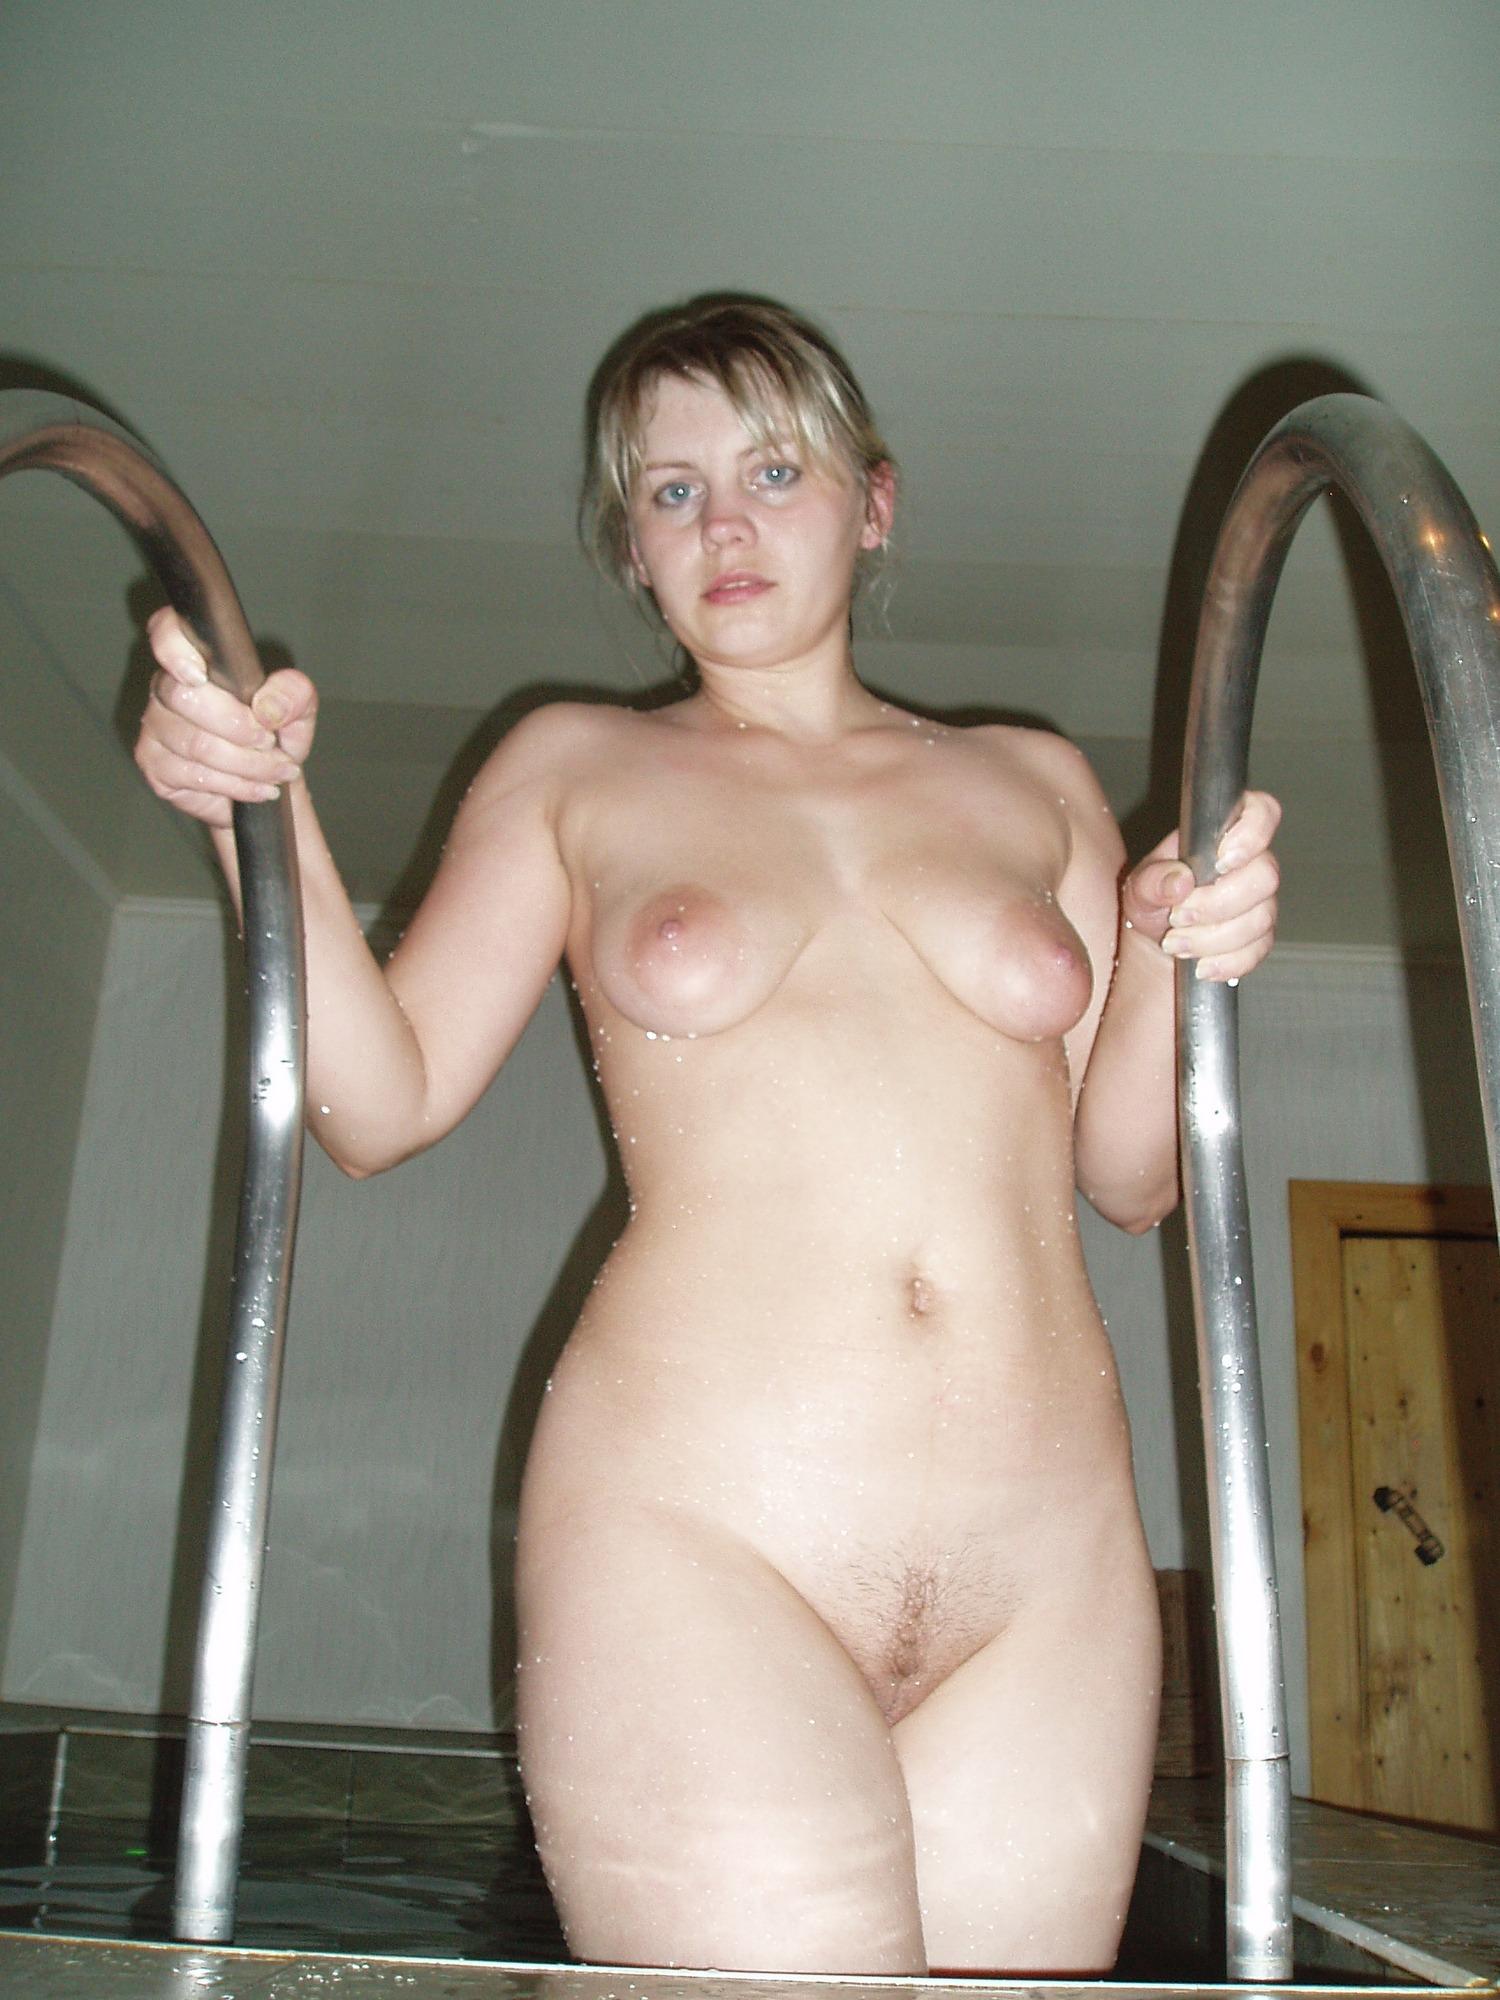 Голая мама с обвисшей грудью фотографируется в бассейне